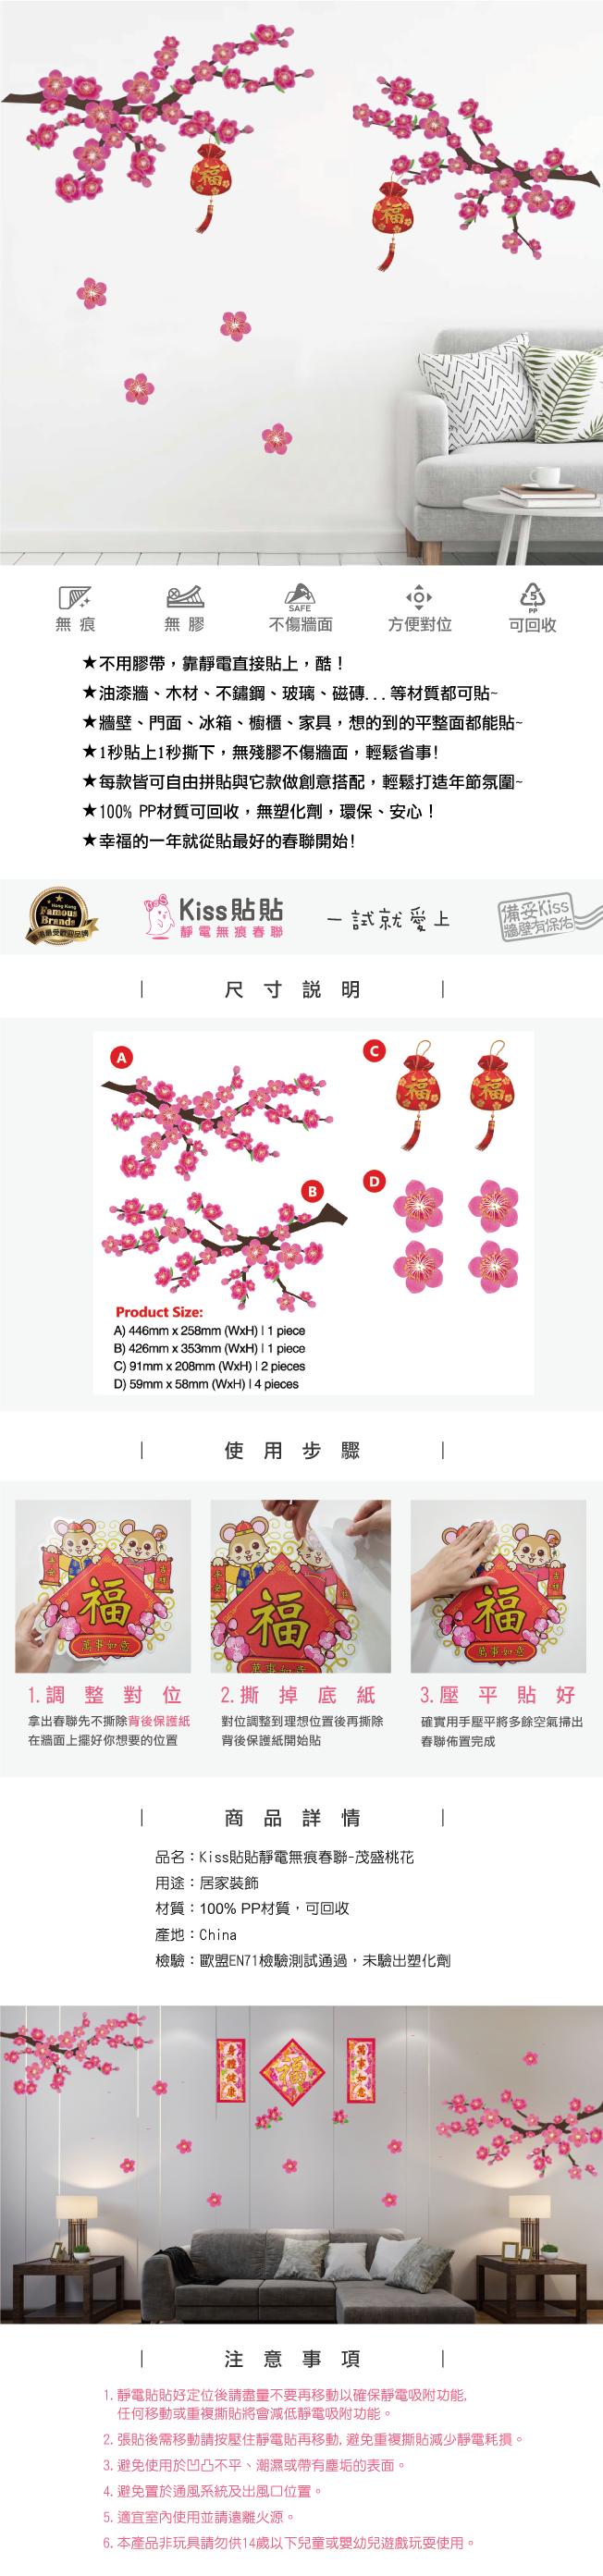 Kiss貼貼|靜電無痕春聯 -茂盛桃花